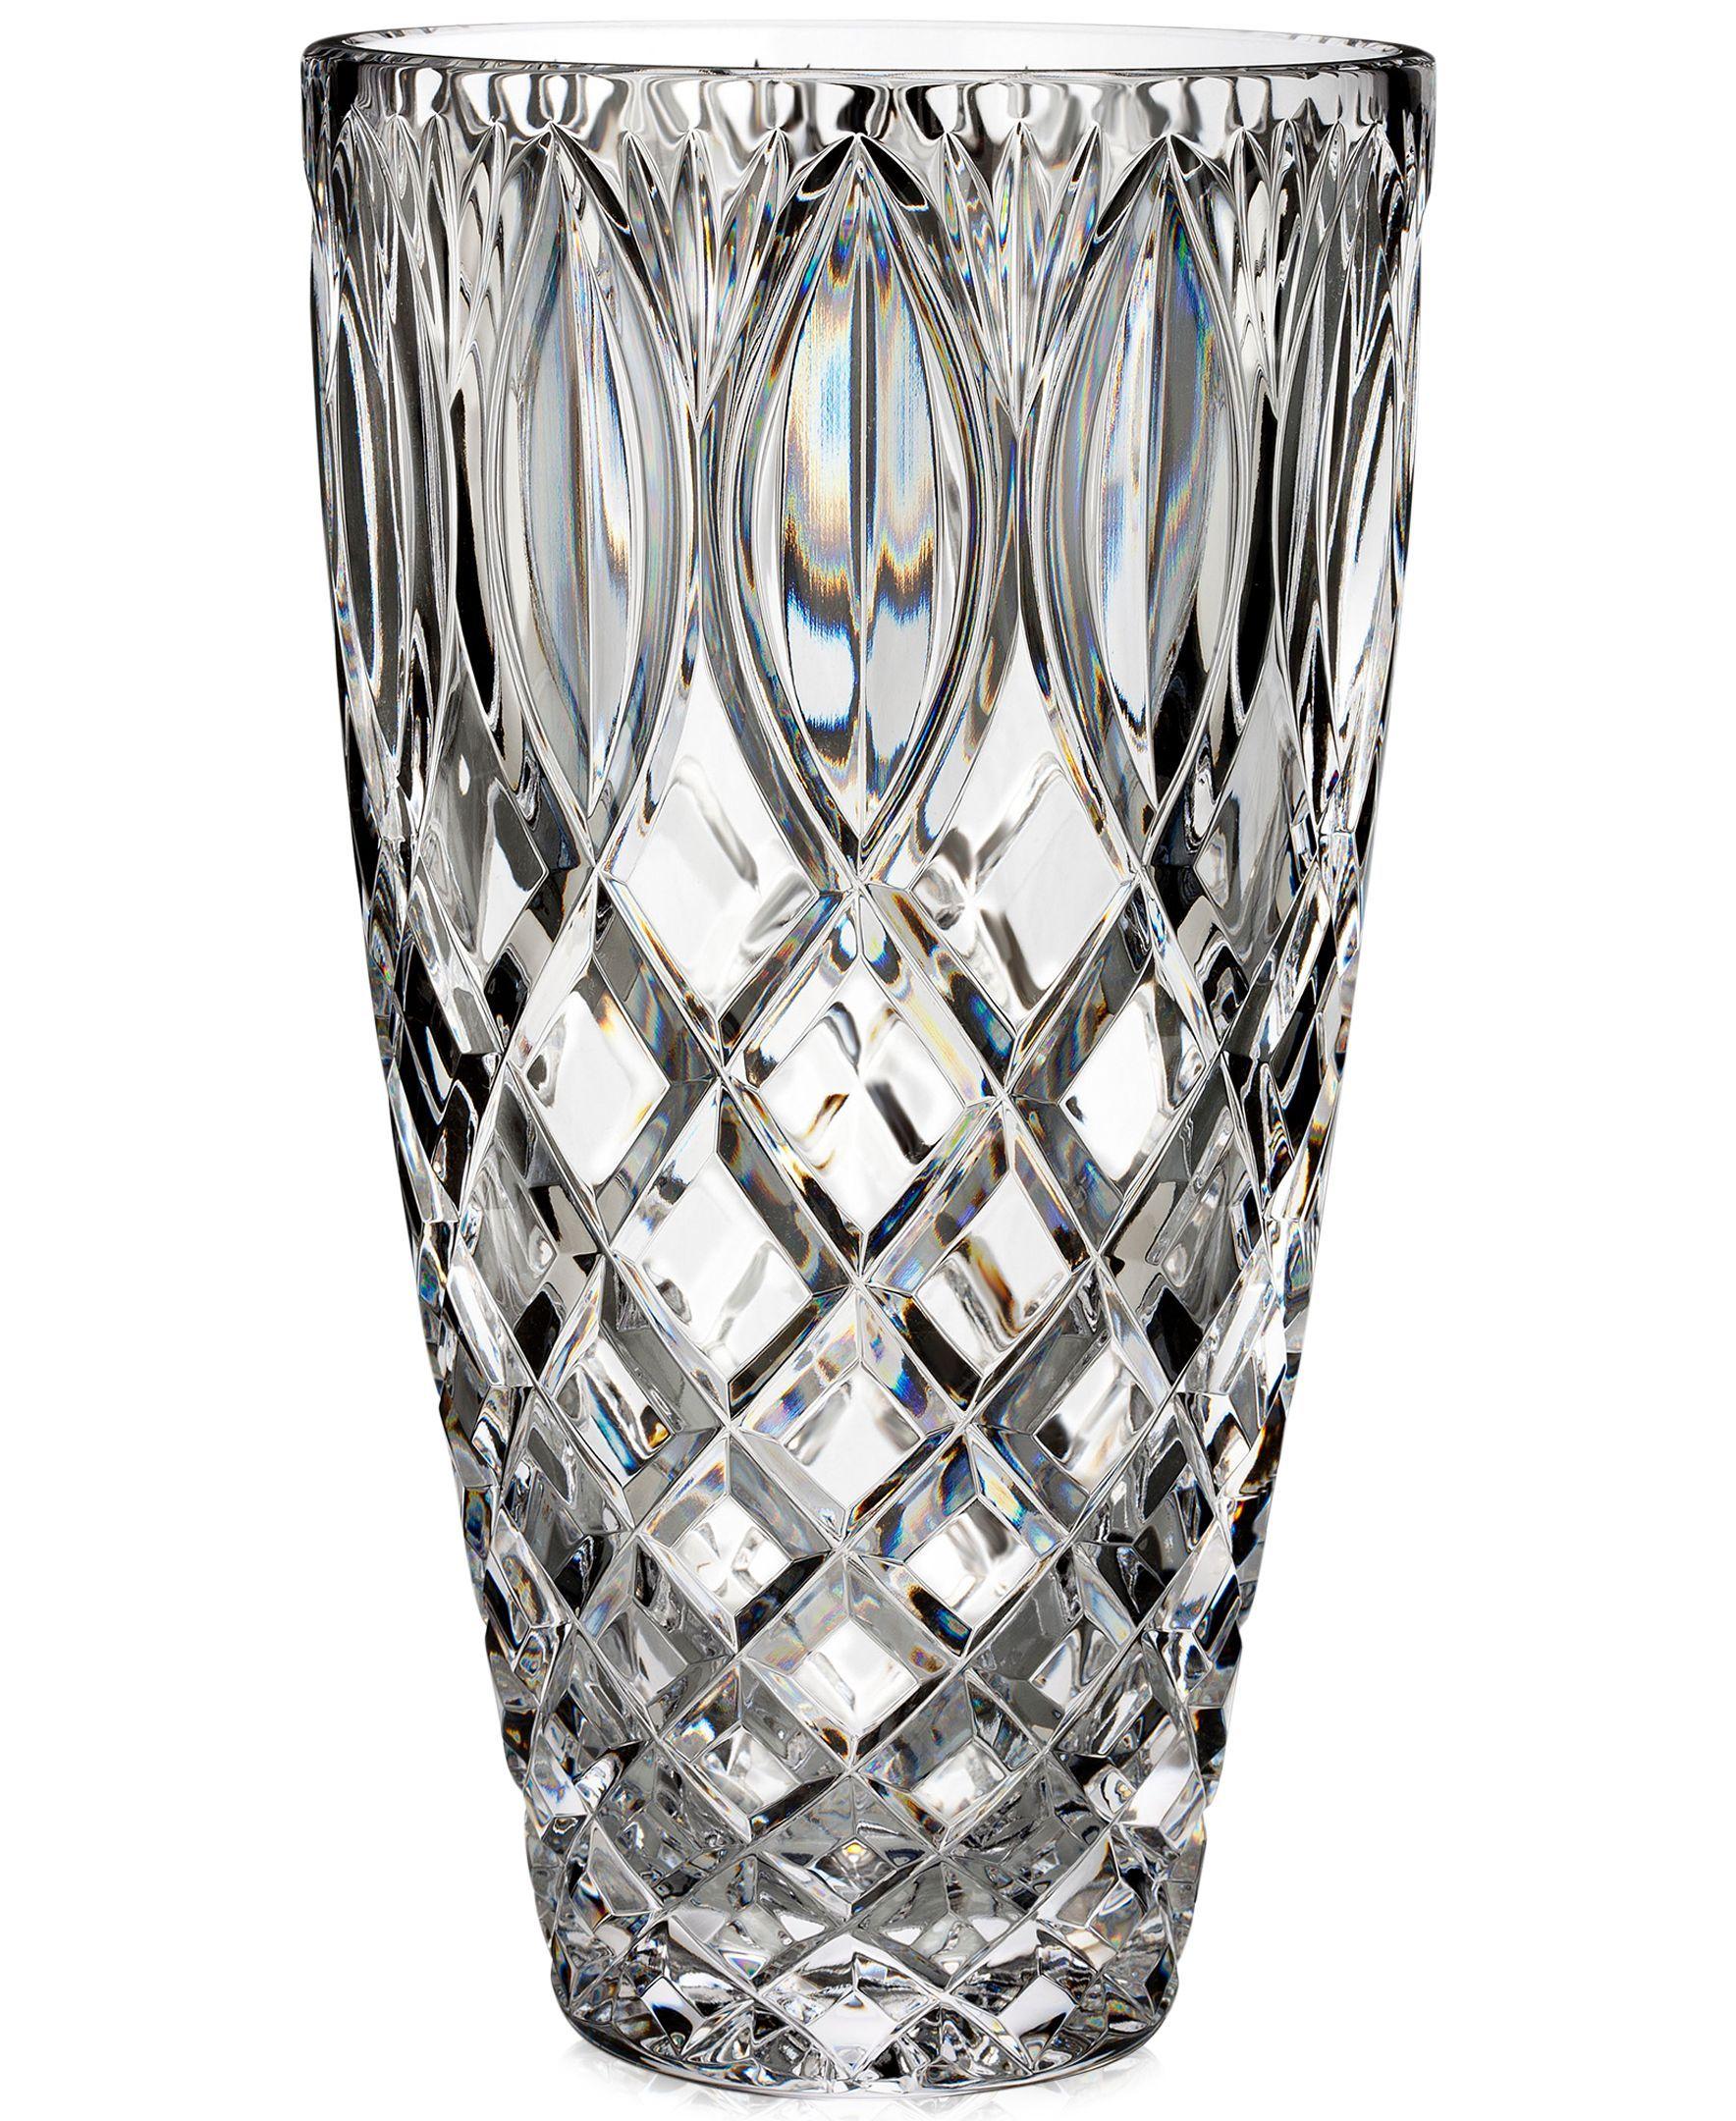 Grant Vase 10 Waterford Crystal Waterford Vase Vase